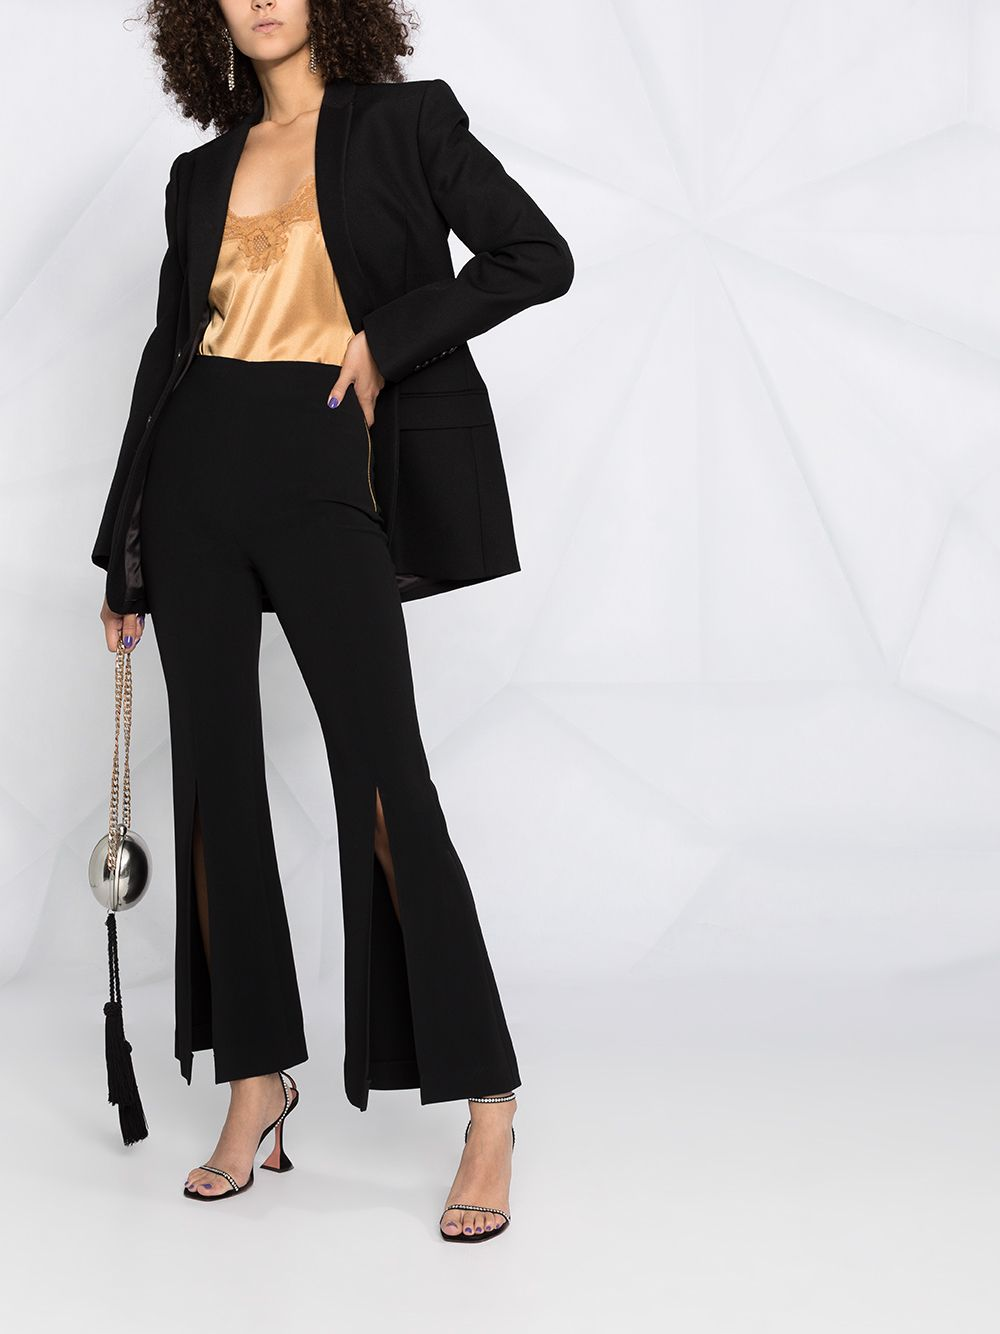 Gold-tone silk-blend lace-trim camisole top  DOLCE & GABBANA |  | O7B09T-FUAD8M0887